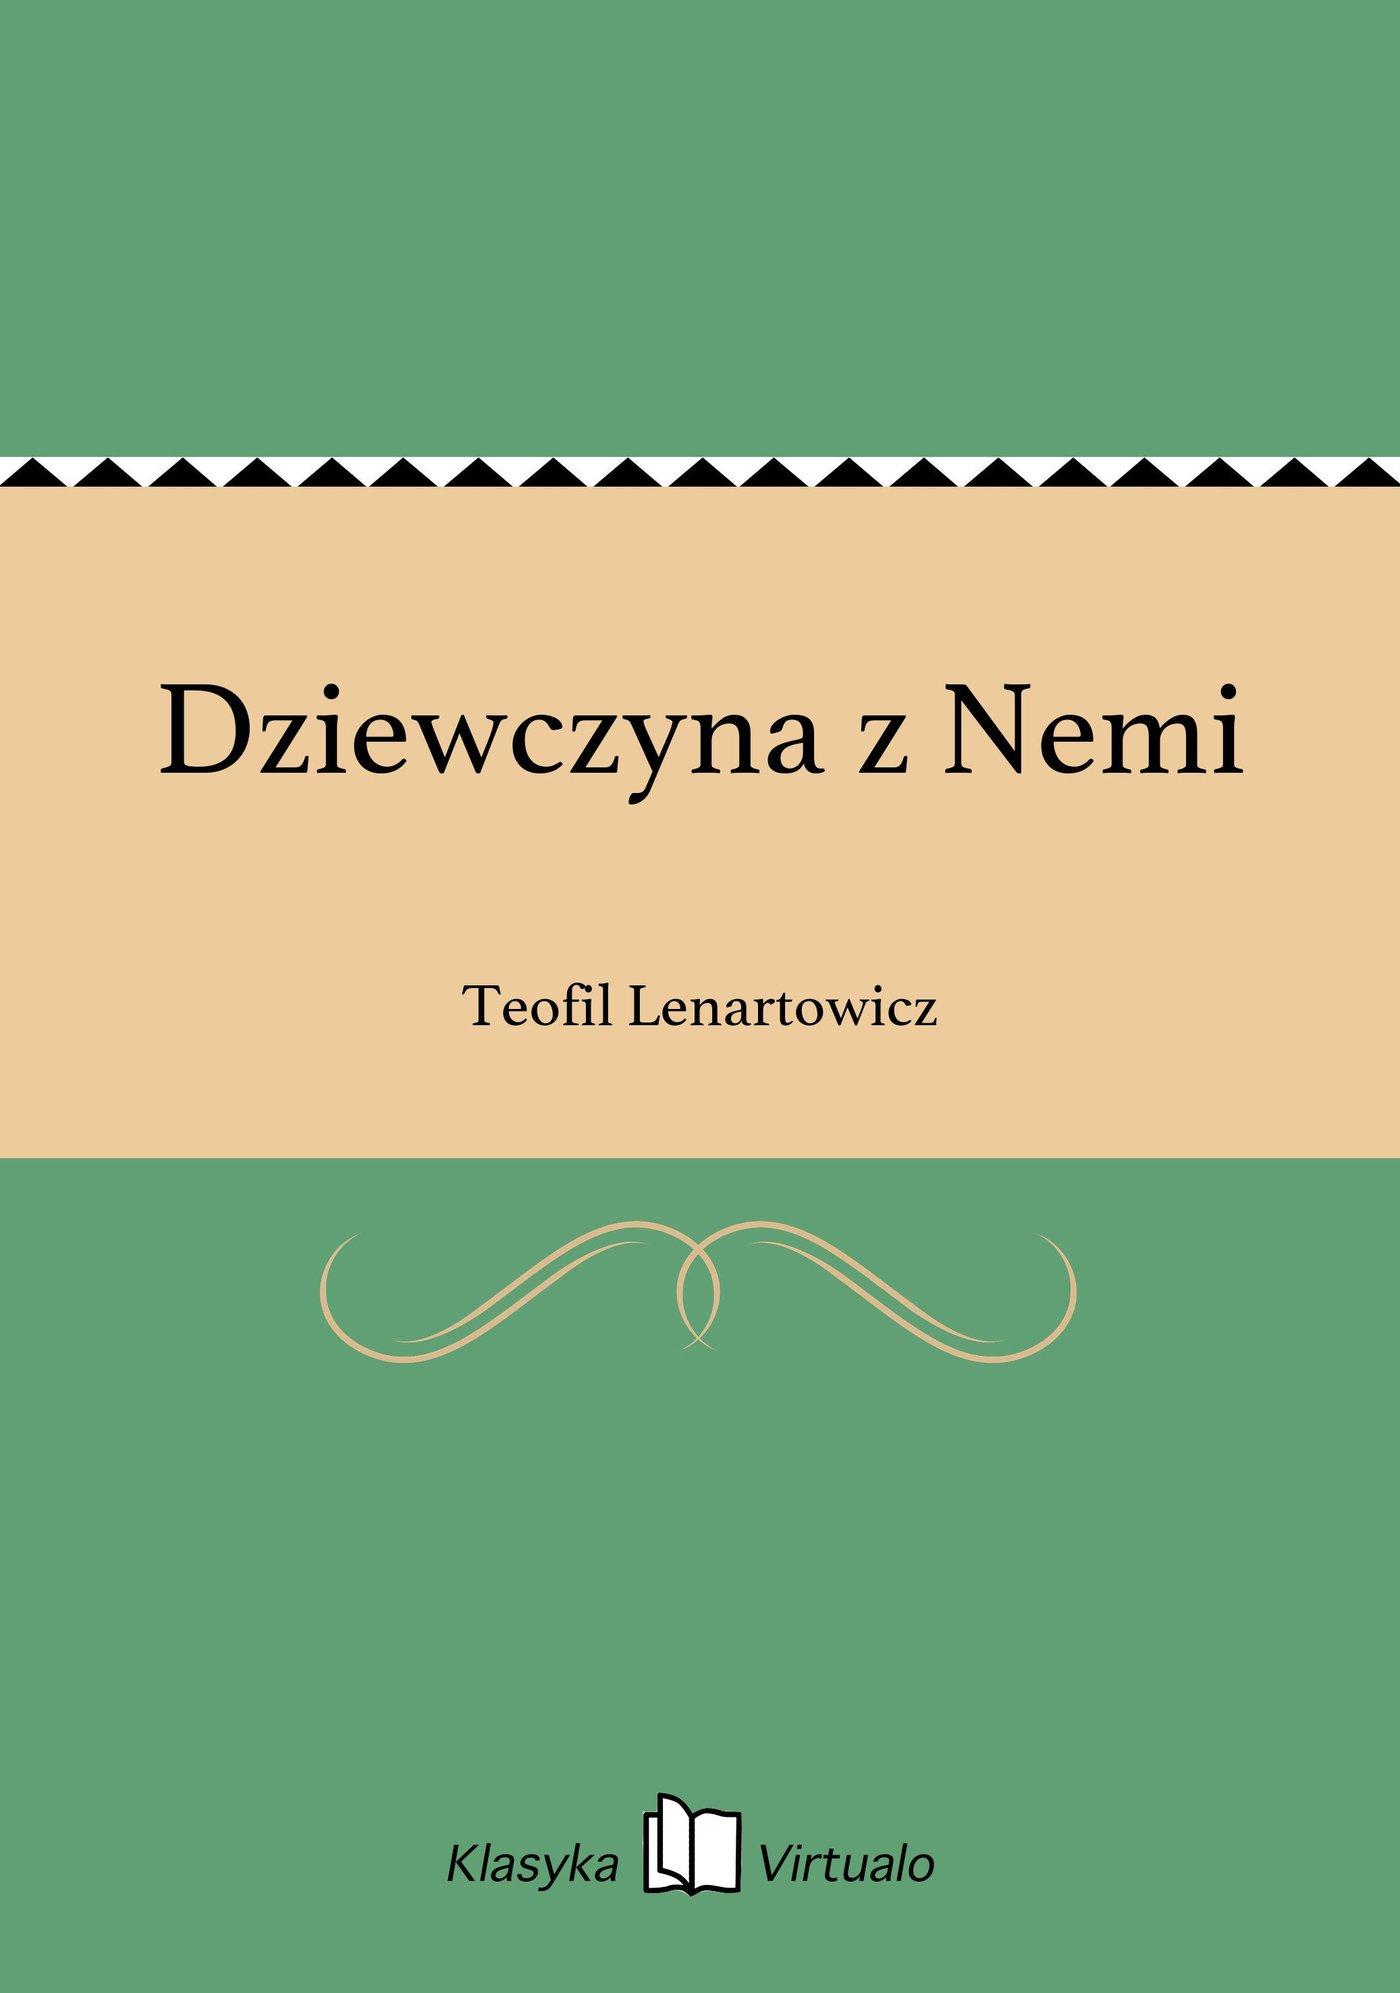 Dziewczyna z Nemi - Ebook (Książka na Kindle) do pobrania w formacie MOBI